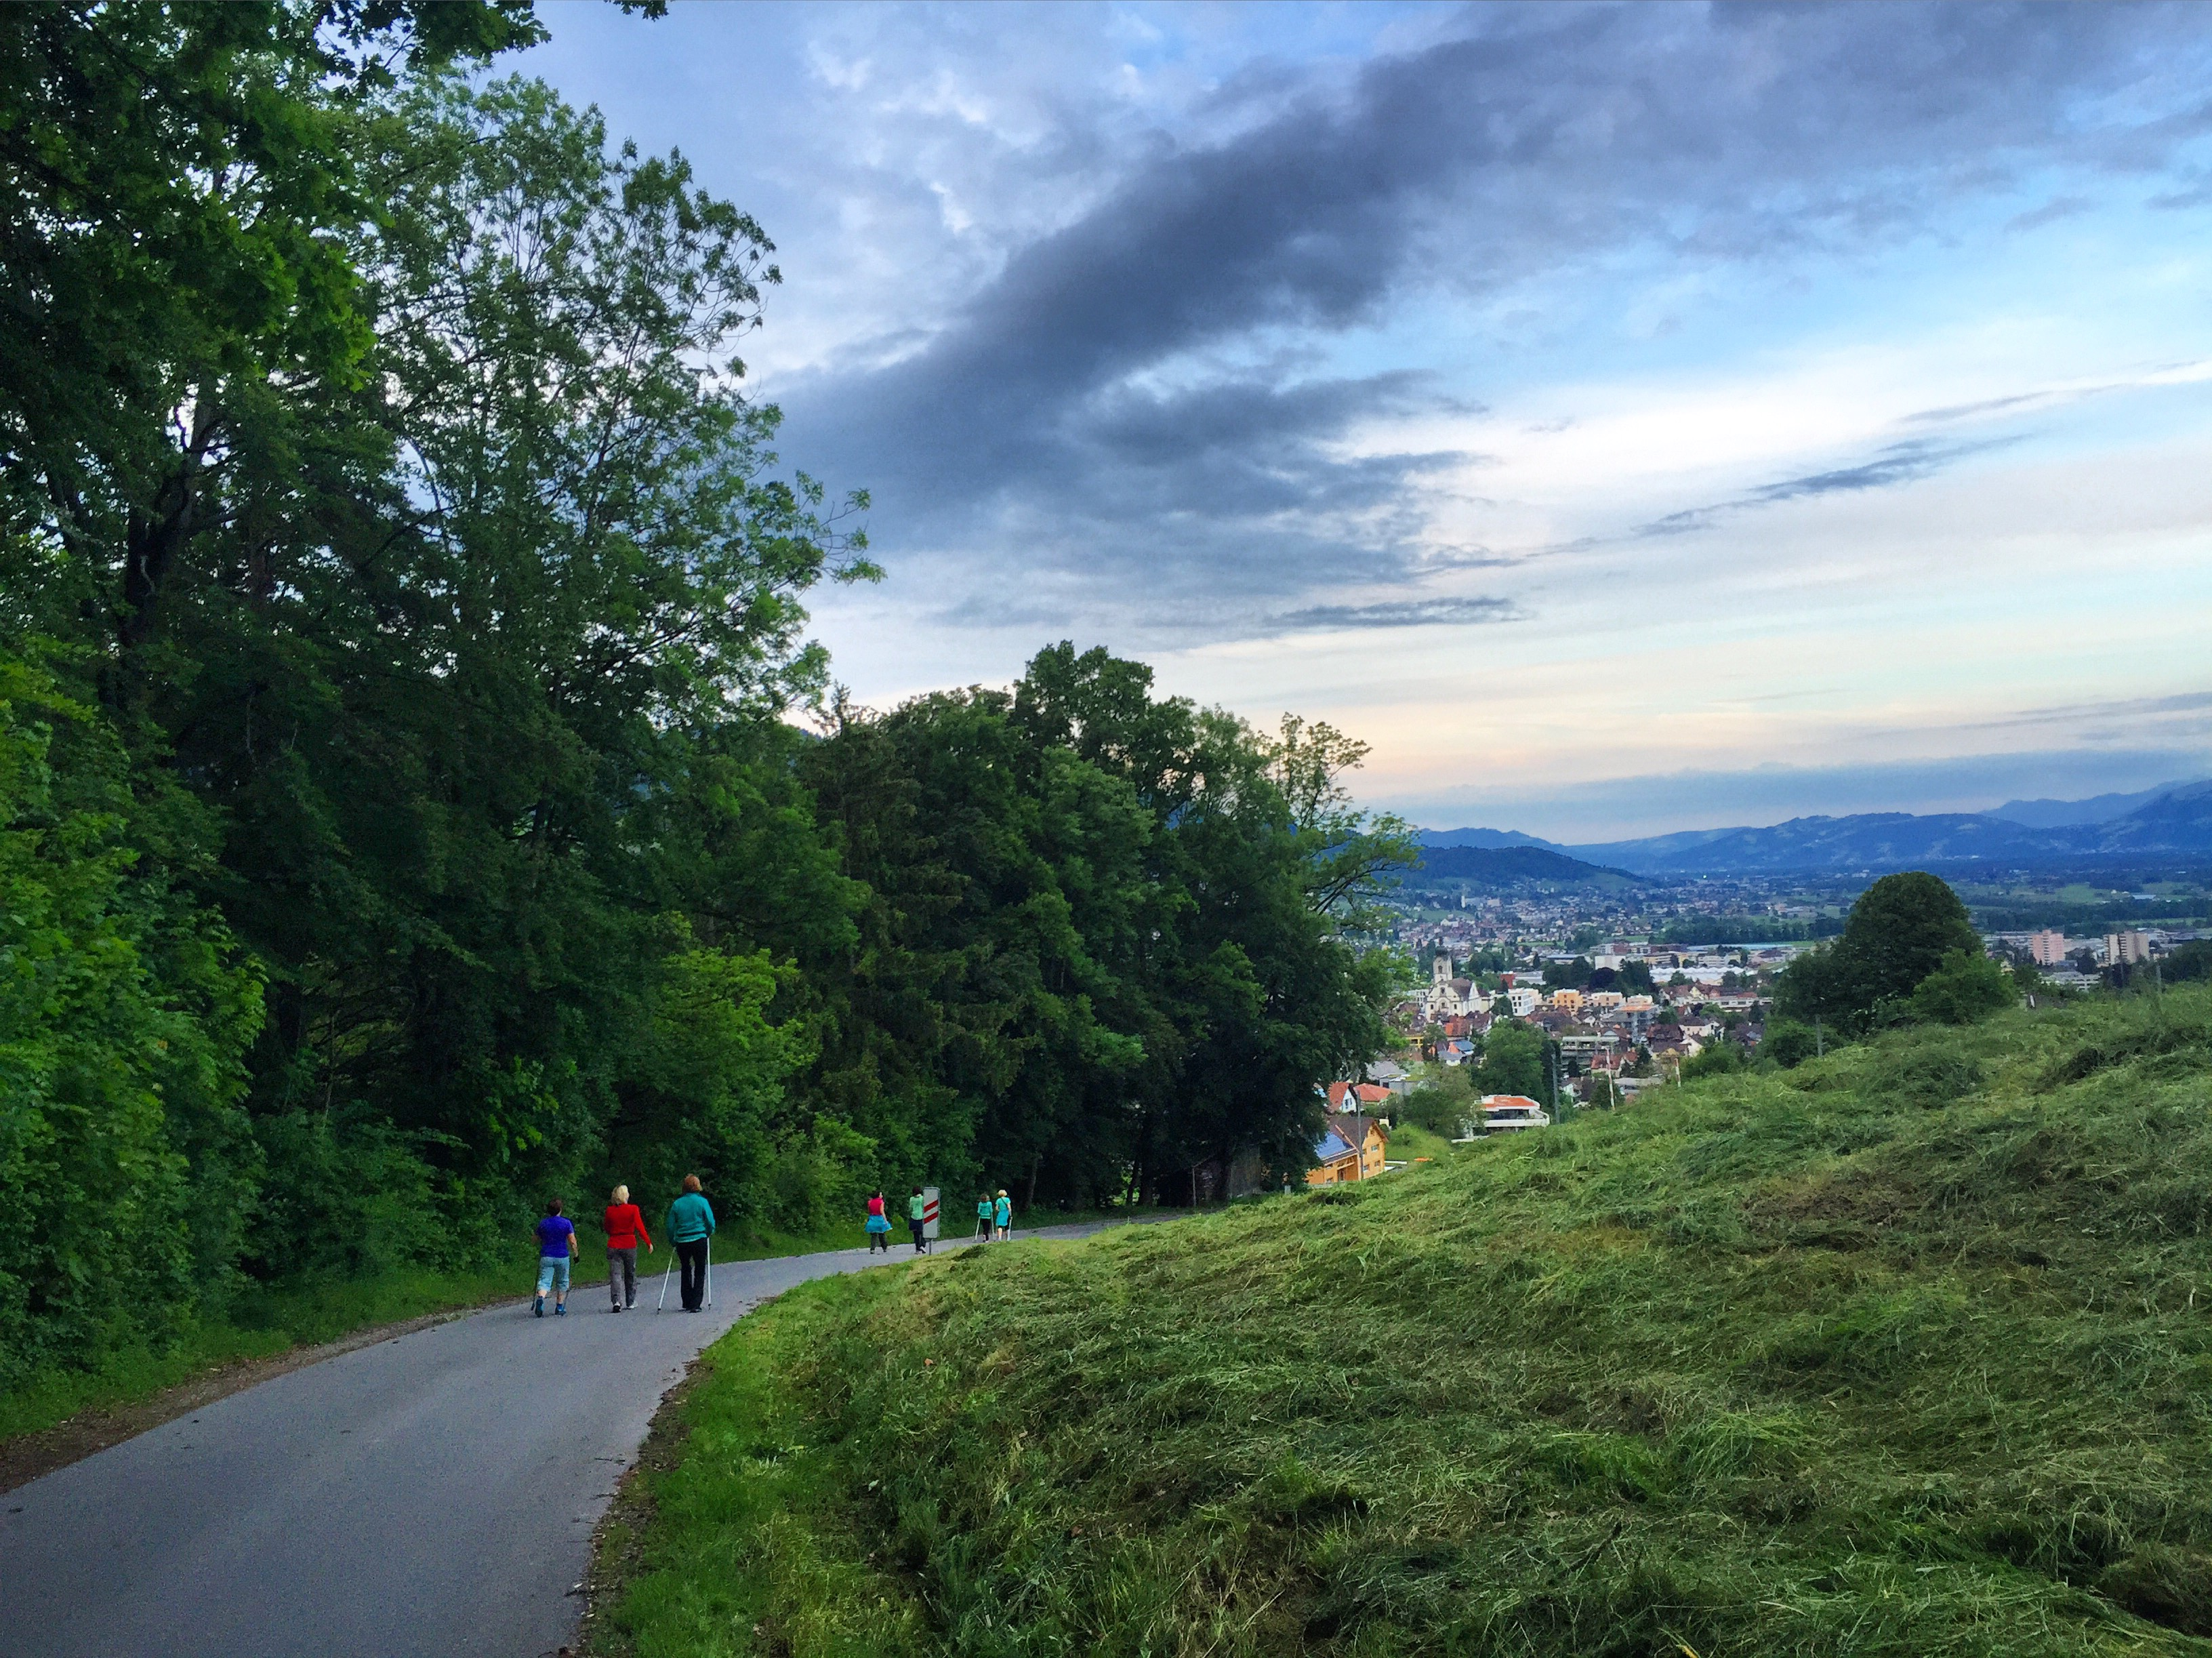 Woensdagavond ga ik weer aan de wandelen en geniet ik van het uitzicht